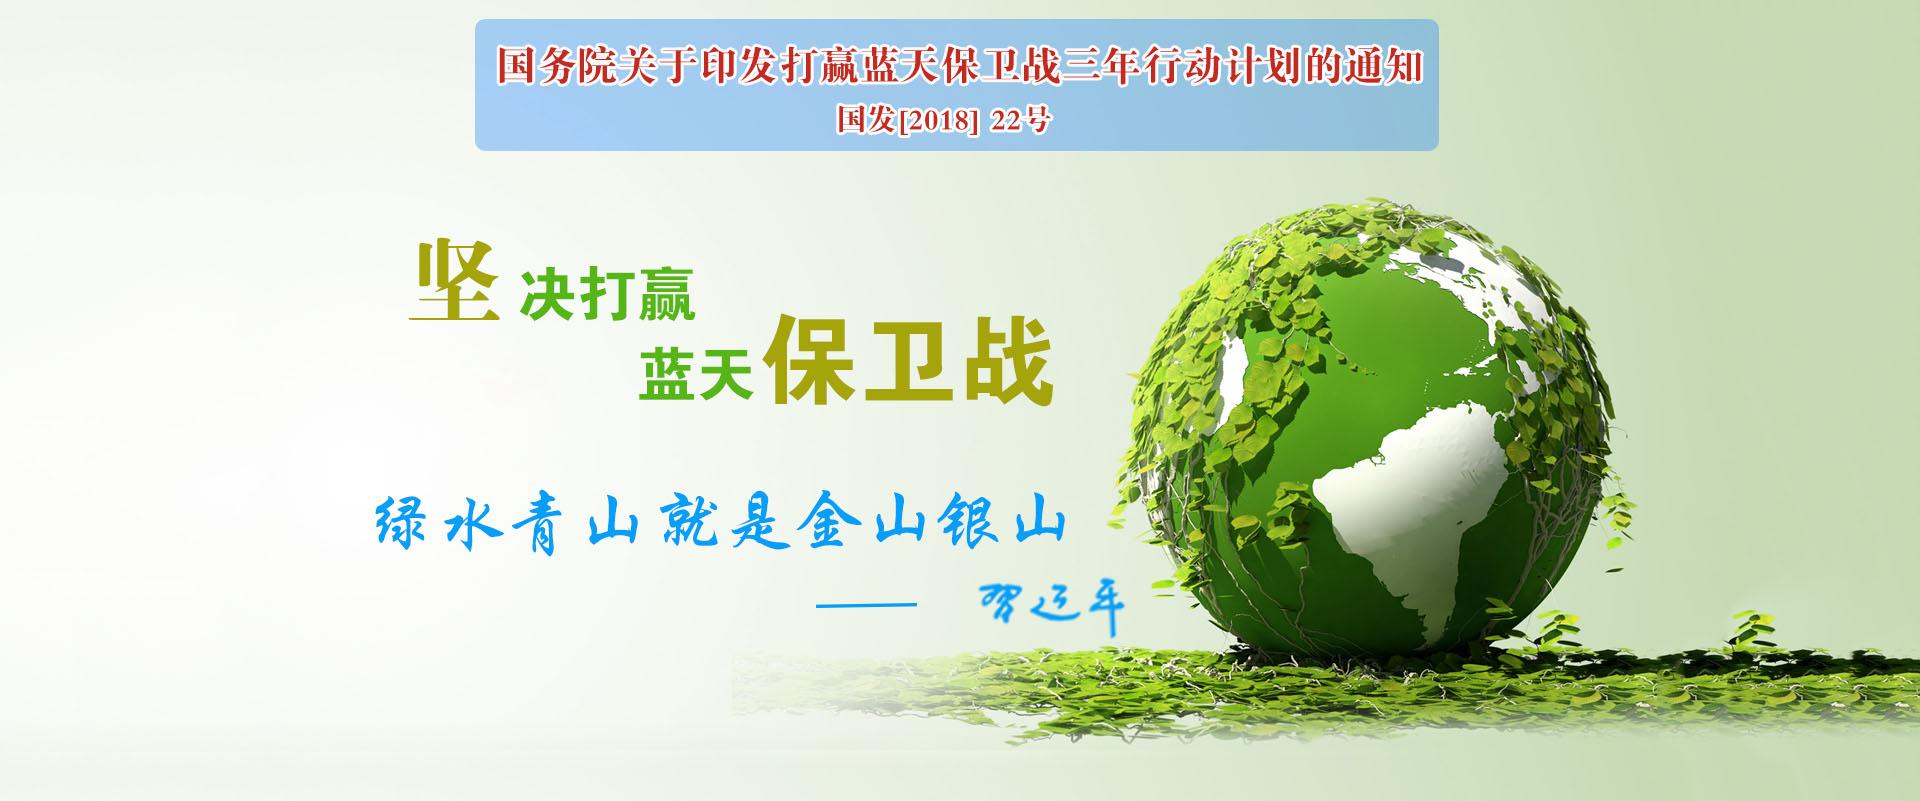 环保氢离子油